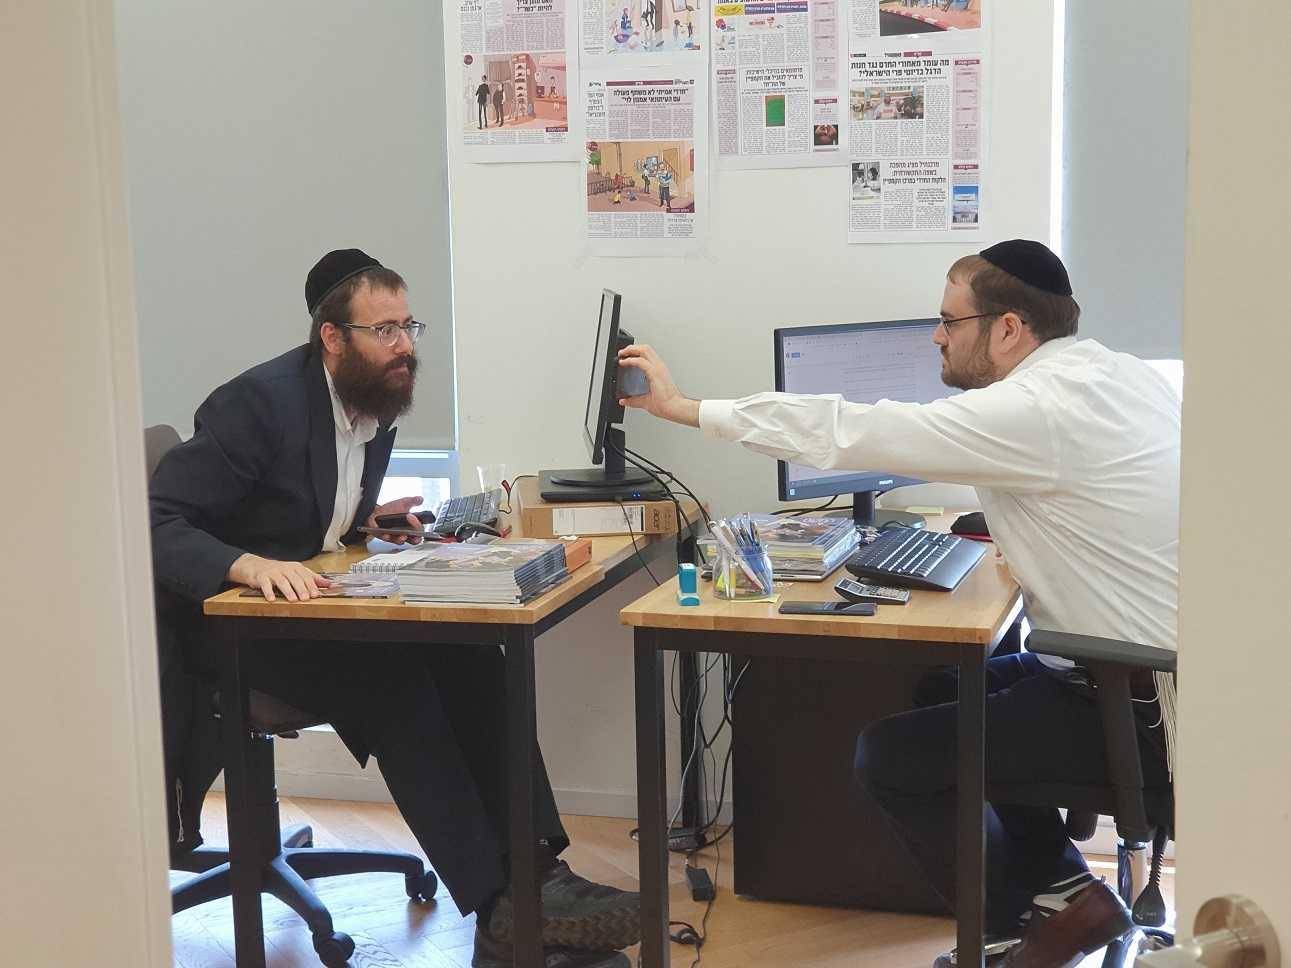 בעקבות הסרטון הויראלי: מנהל הקמפיין של אגודת ישראל מדבר 1